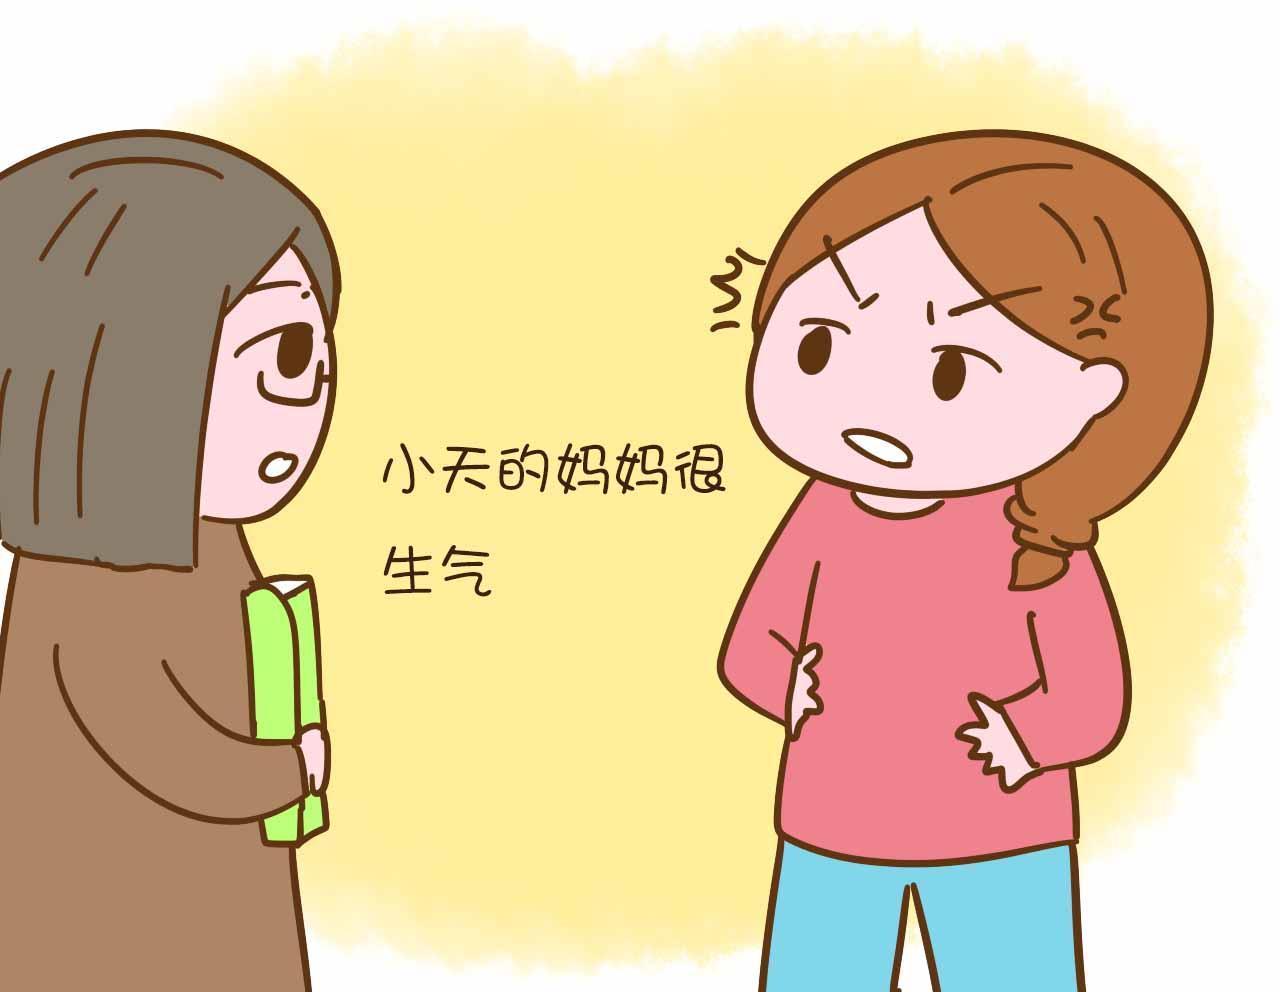 班主任说孩子有问题,英语老师却夸孩子很棒